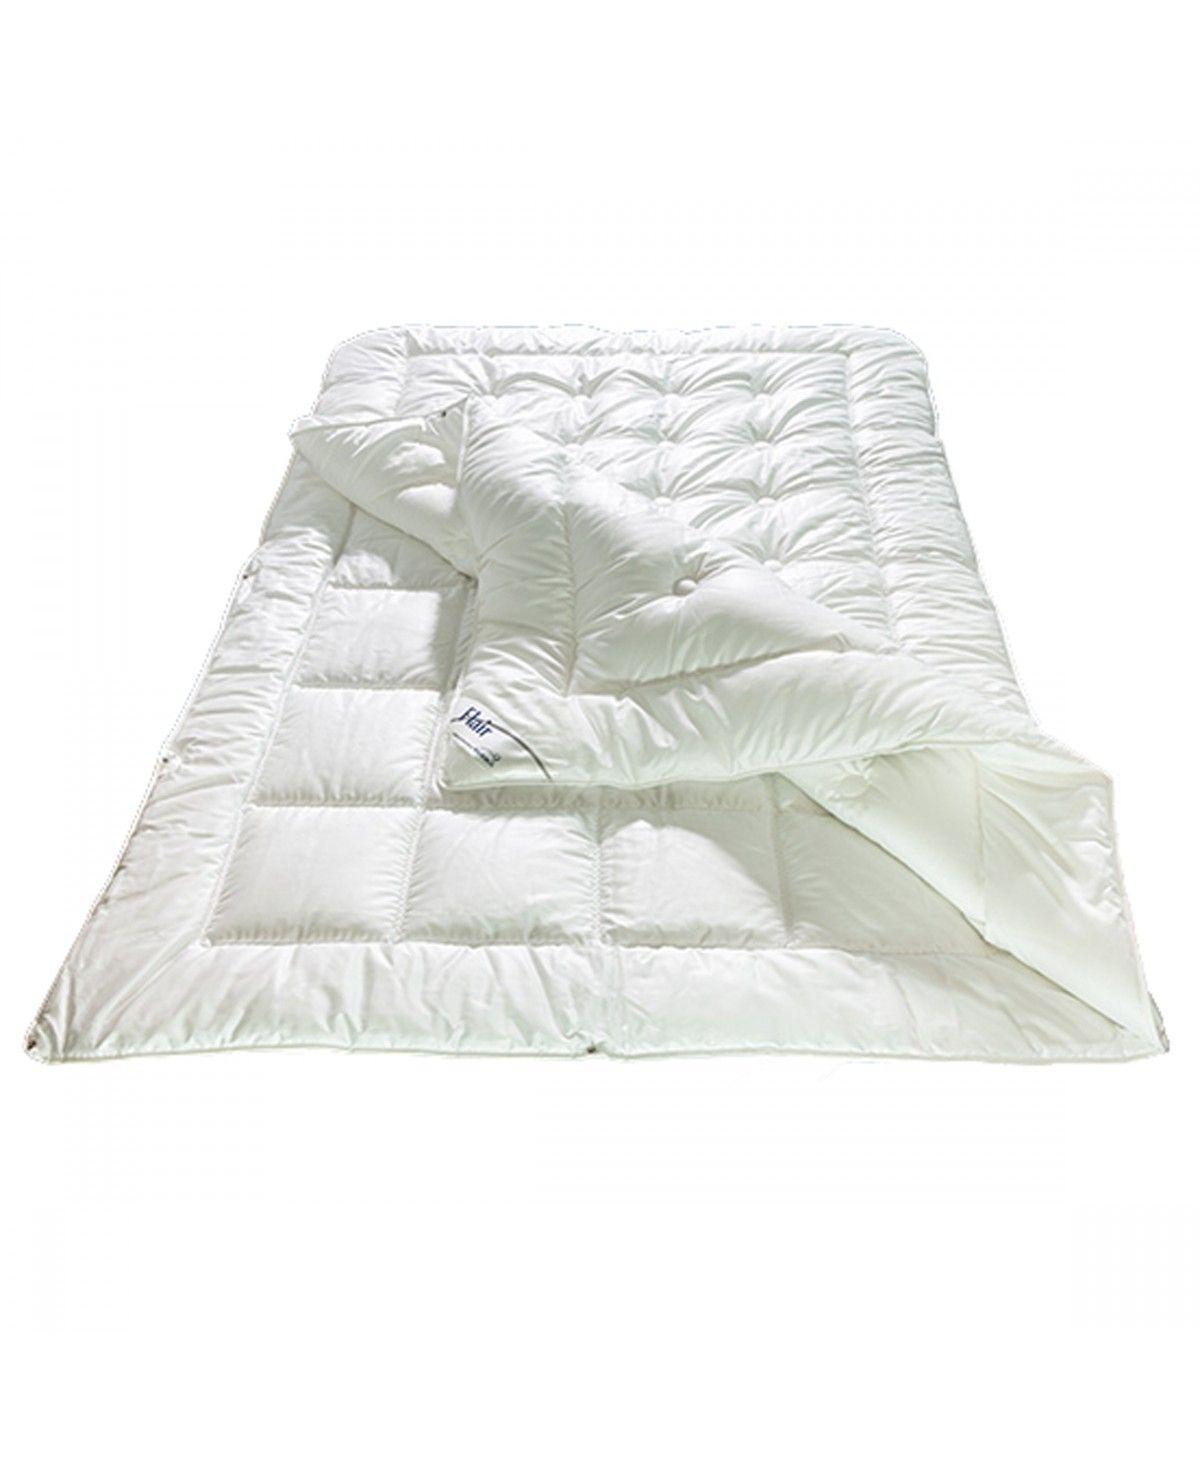 walburga flair flauschig weiches vierjahreszeiten steppbett 135x200. Black Bedroom Furniture Sets. Home Design Ideas